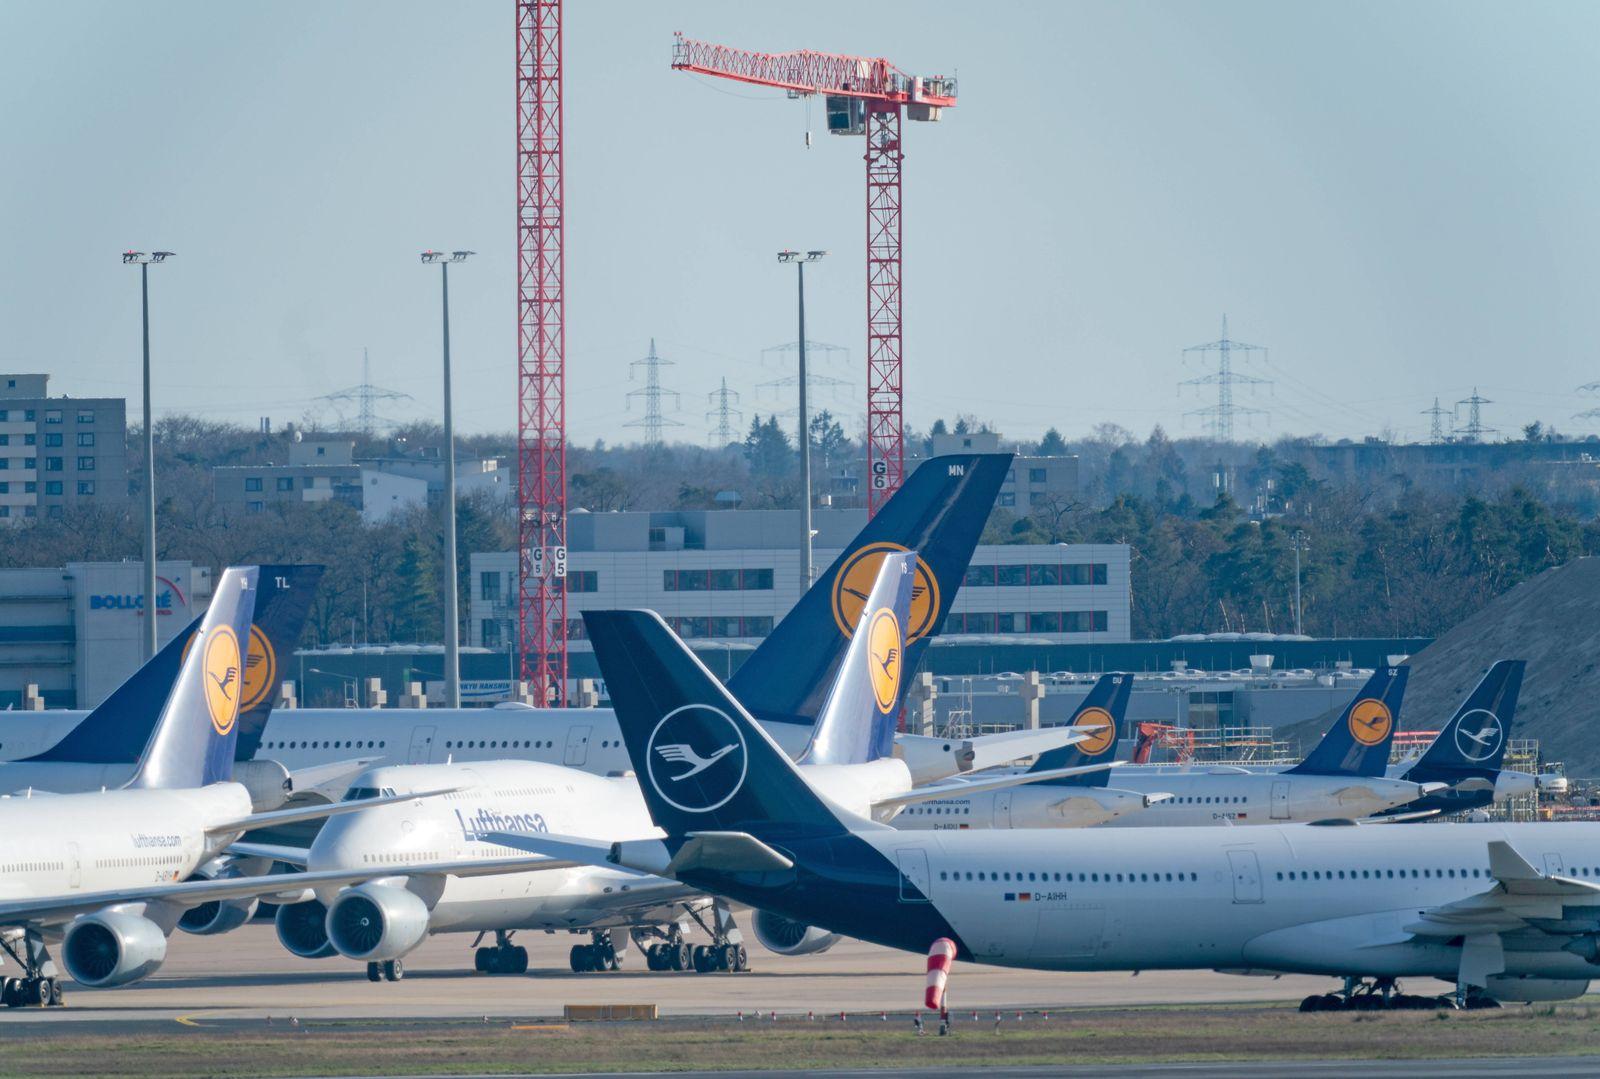 Impressionen Flughafen Frankfurt Rhein-Main 15.03.2020, Flughafen Frankfurt Rhein-Main : Maschinen, Flugzeuge der Luftha